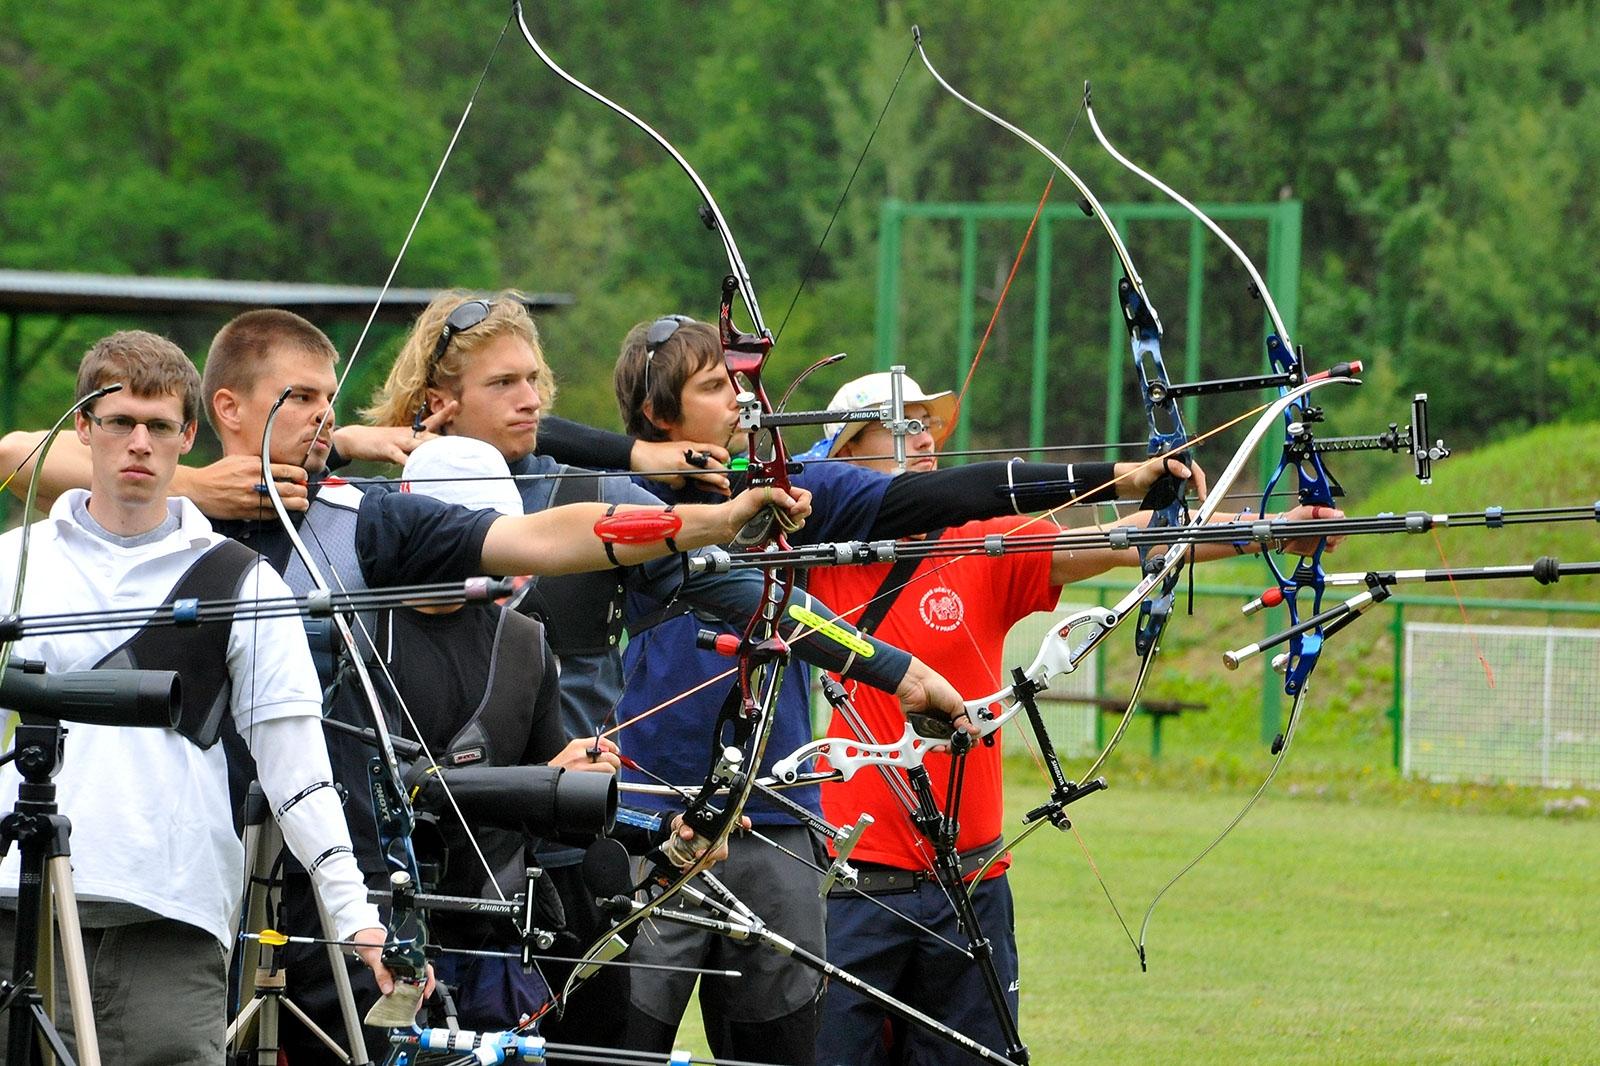 Sportovní úspěchy studentů VŠE na Českých akademických hrách 2012 v Brně